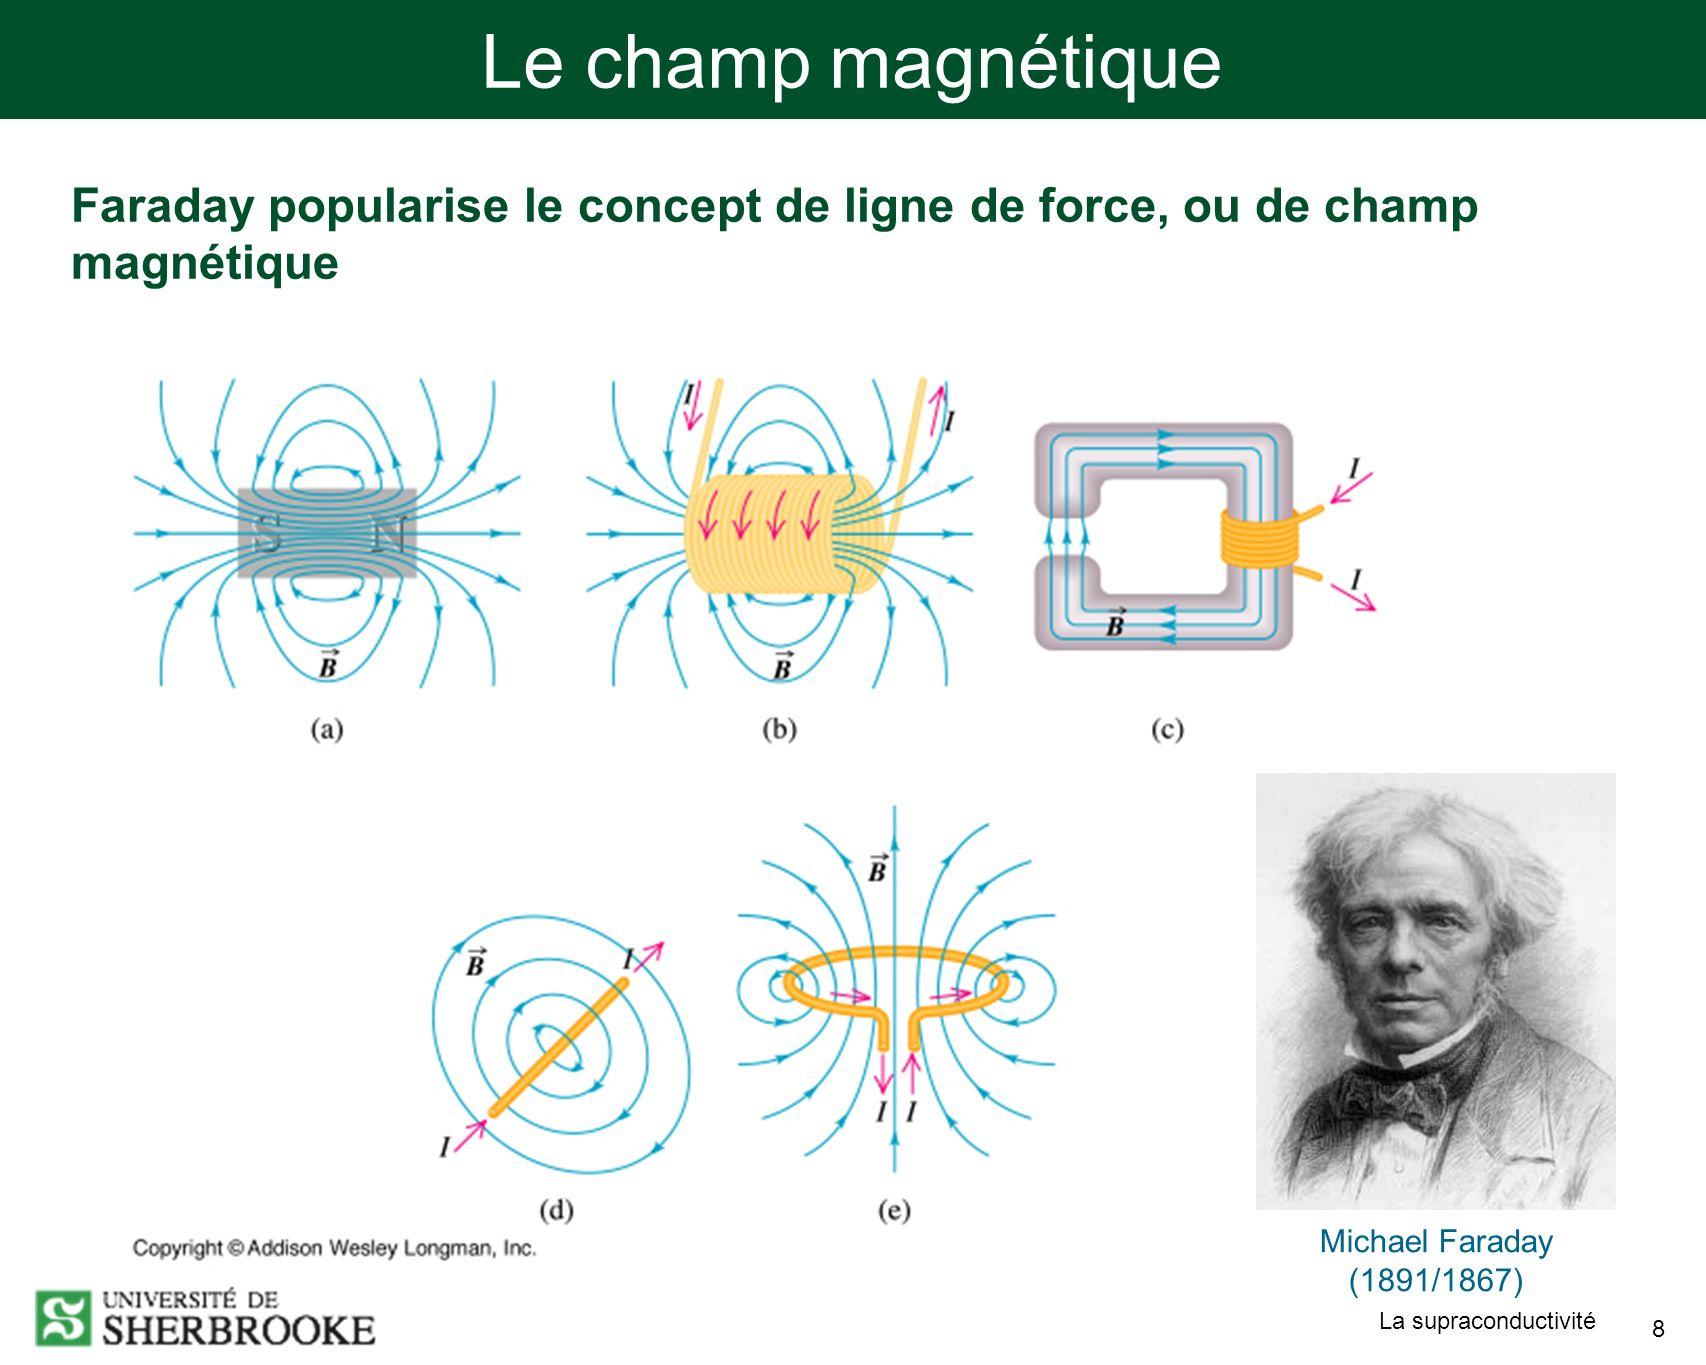 Le champ magnétique Faraday popularise le concept de ligne de force, ou de champ magnétique. Michael Faraday.